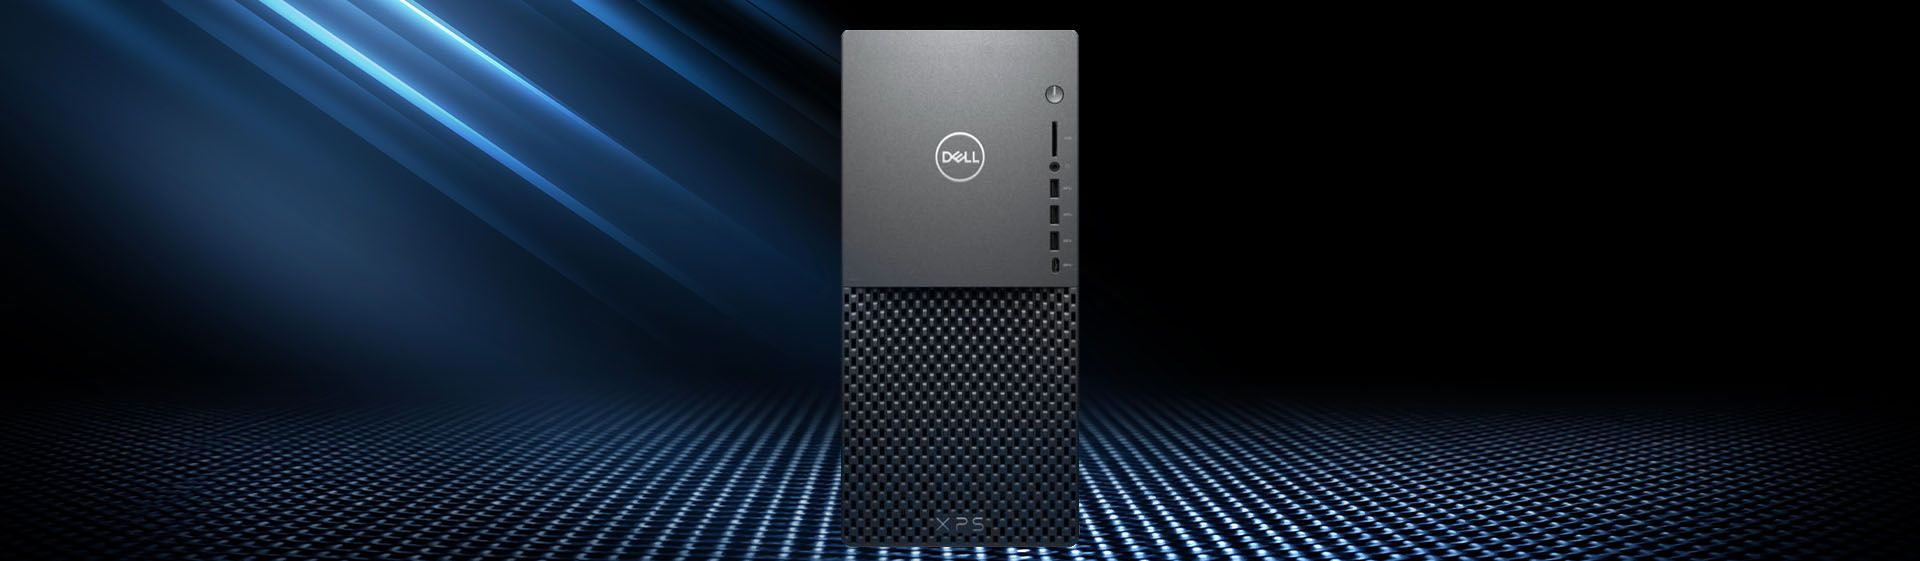 PC gamer completo i7: veja o Dell XPS-8940 com placa de vídeo dedicada